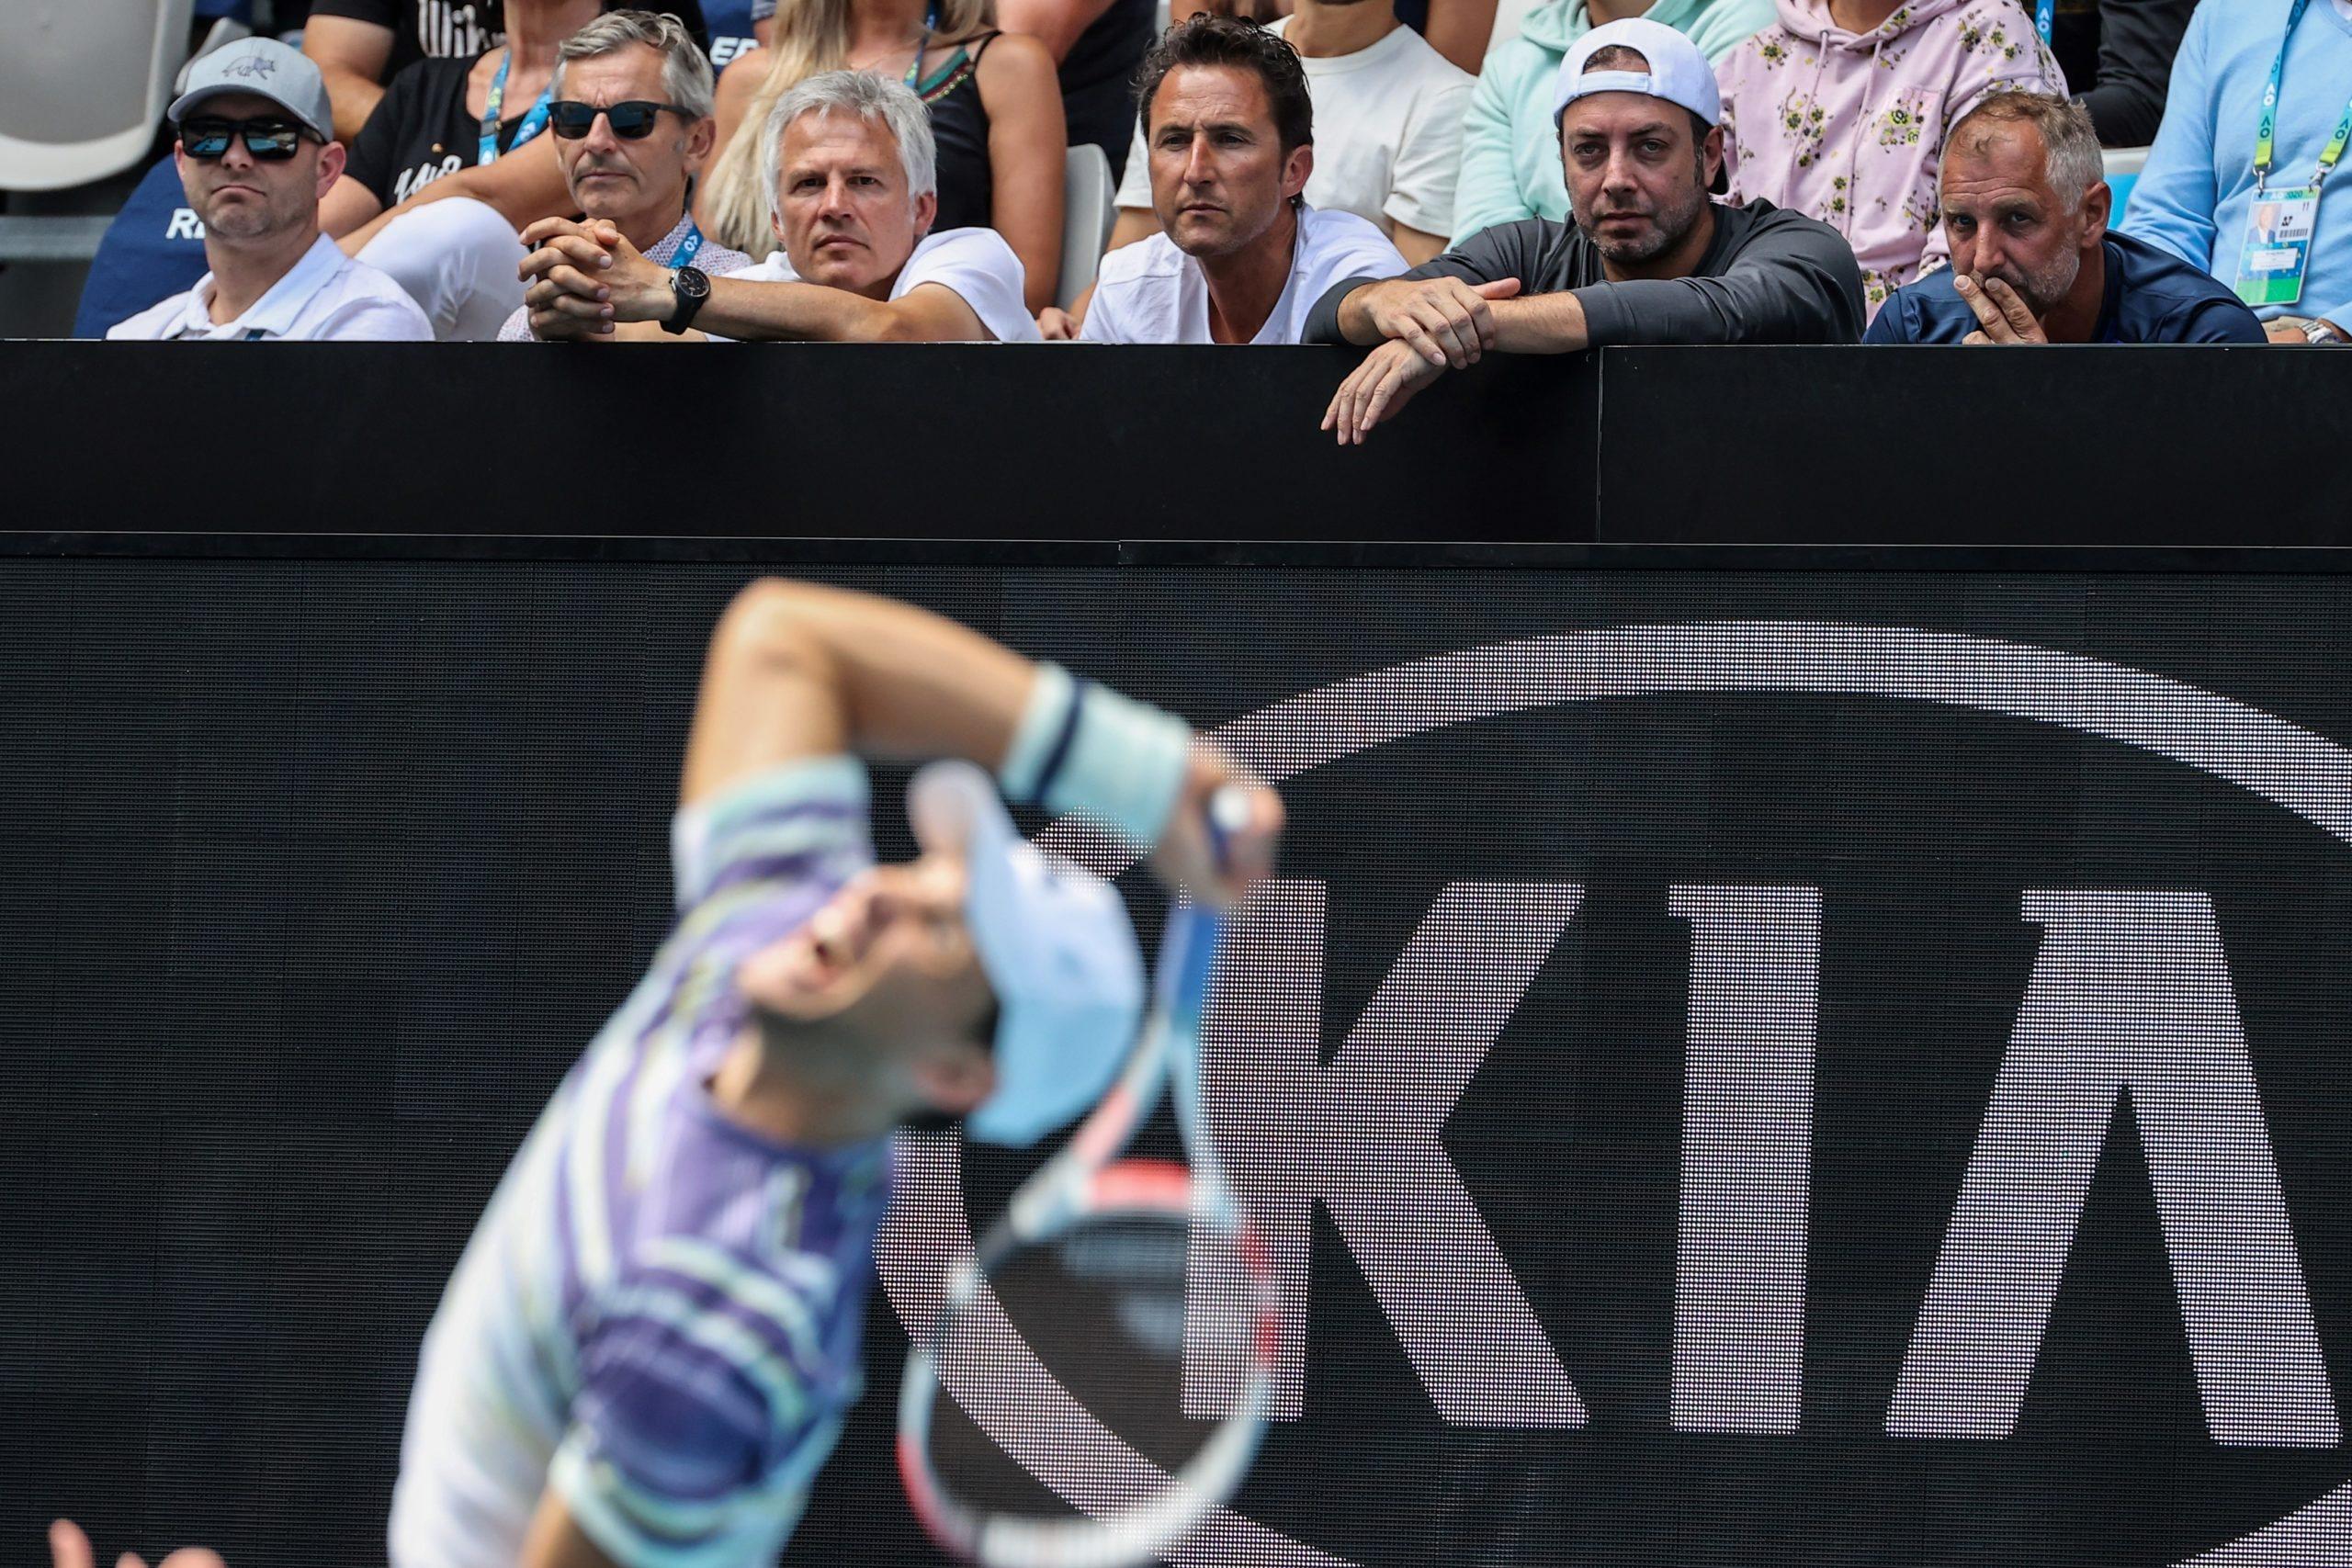 Massu: Thiem bliżej Wielkiej Trójki niż jakikolwiek inny tenisista